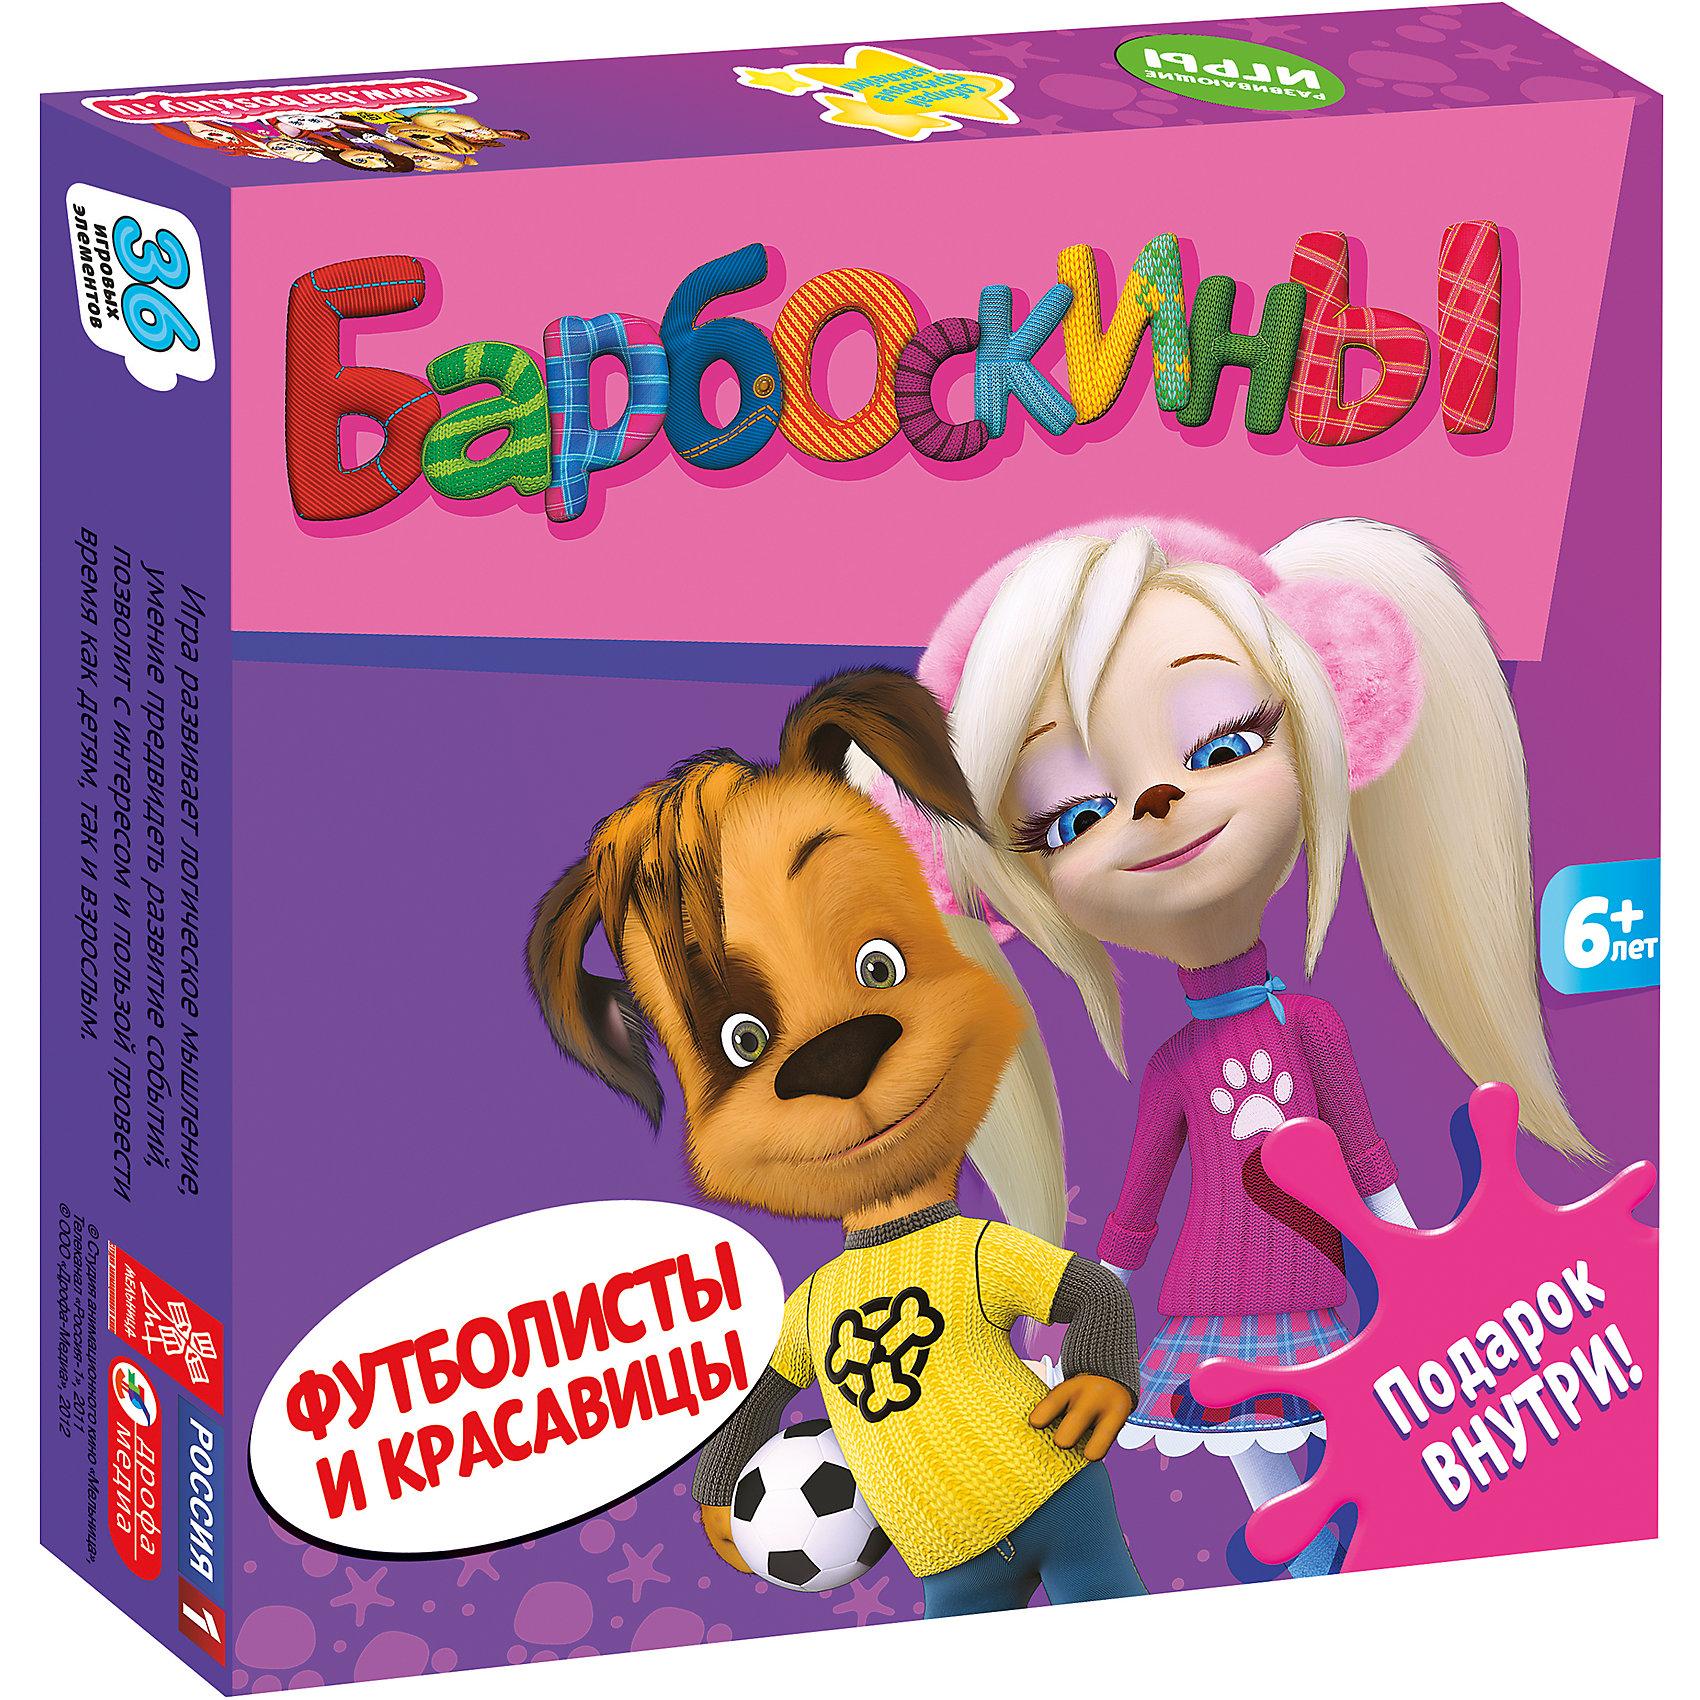 Игра Футболисты и красавицы, БарбоскиныИгры для развлечений<br>Игра Футболисты и красавицы, Барбоскины - веселая увлекательная игра с любимыми героями, в которую можно играть всей семьей. Барбоскины - это большое семейство собак из популярного мультсериала Барбоскины, где у каждого персонажа свой характер и особенности. В наборе 36 игровых элементов в виде карточек разной формы с красочными картинками. Игра развивает логическое мышление, умение предвидеть развитие событий. В комплект также входит подарок - набор наклеек с главными героями мультфильма.<br><br>Дополнительная информация:<br><br>- Серия: Барбоскины. Мини-игры.<br>- В комплекте: 36 элементов, набор наклеек с главными героями мультфильма.<br>- Материал: бумага, картон.<br>- Размер упаковки: 19 x 20 x 3 см.<br>- Вес: 0,184 кг.<br><br>Игру Футболисты и красавицы, Барбоскины, можно купить в нашем интернет-магазине.<br><br>Ширина мм: 200<br>Глубина мм: 32<br>Высота мм: 190<br>Вес г: 200<br>Возраст от месяцев: 72<br>Возраст до месяцев: 132<br>Пол: Унисекс<br>Возраст: Детский<br>SKU: 3998678